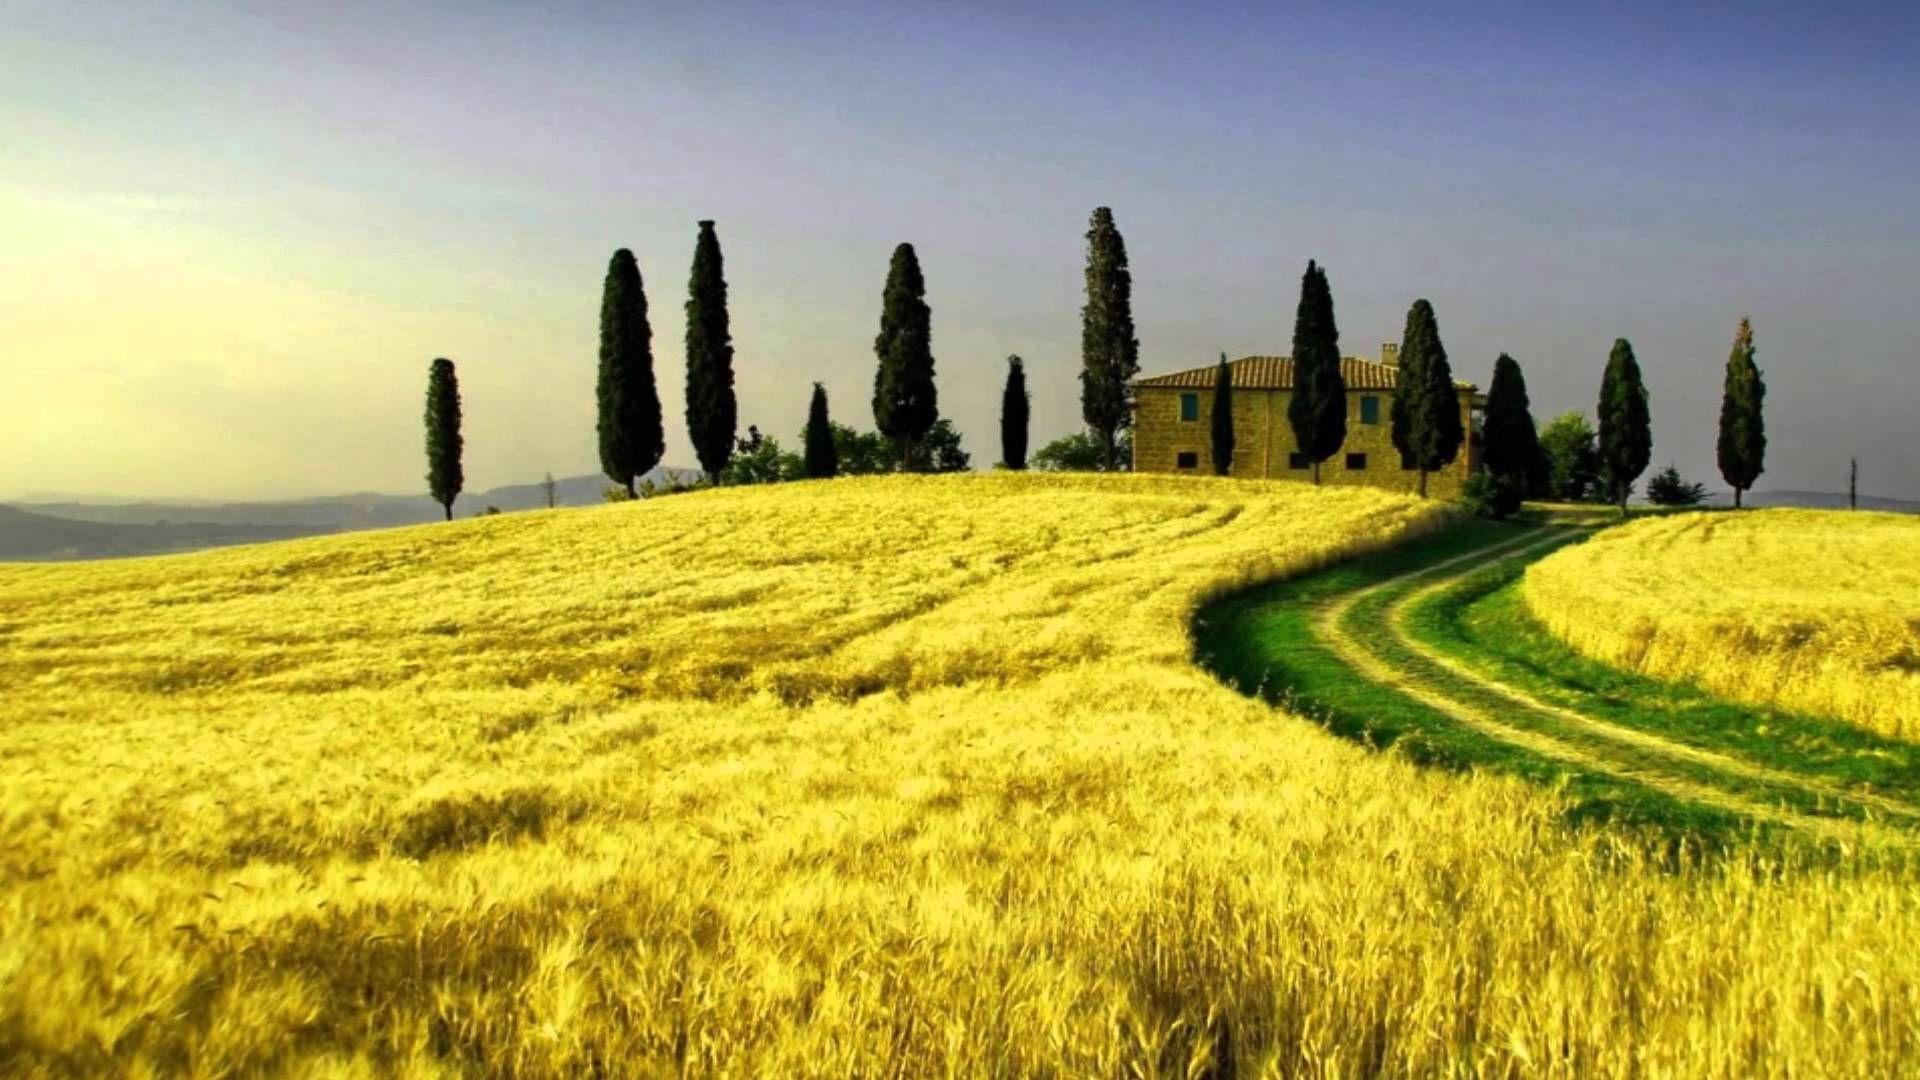 tuscany, italy | tuscany italy - beautiful scenery with flute music